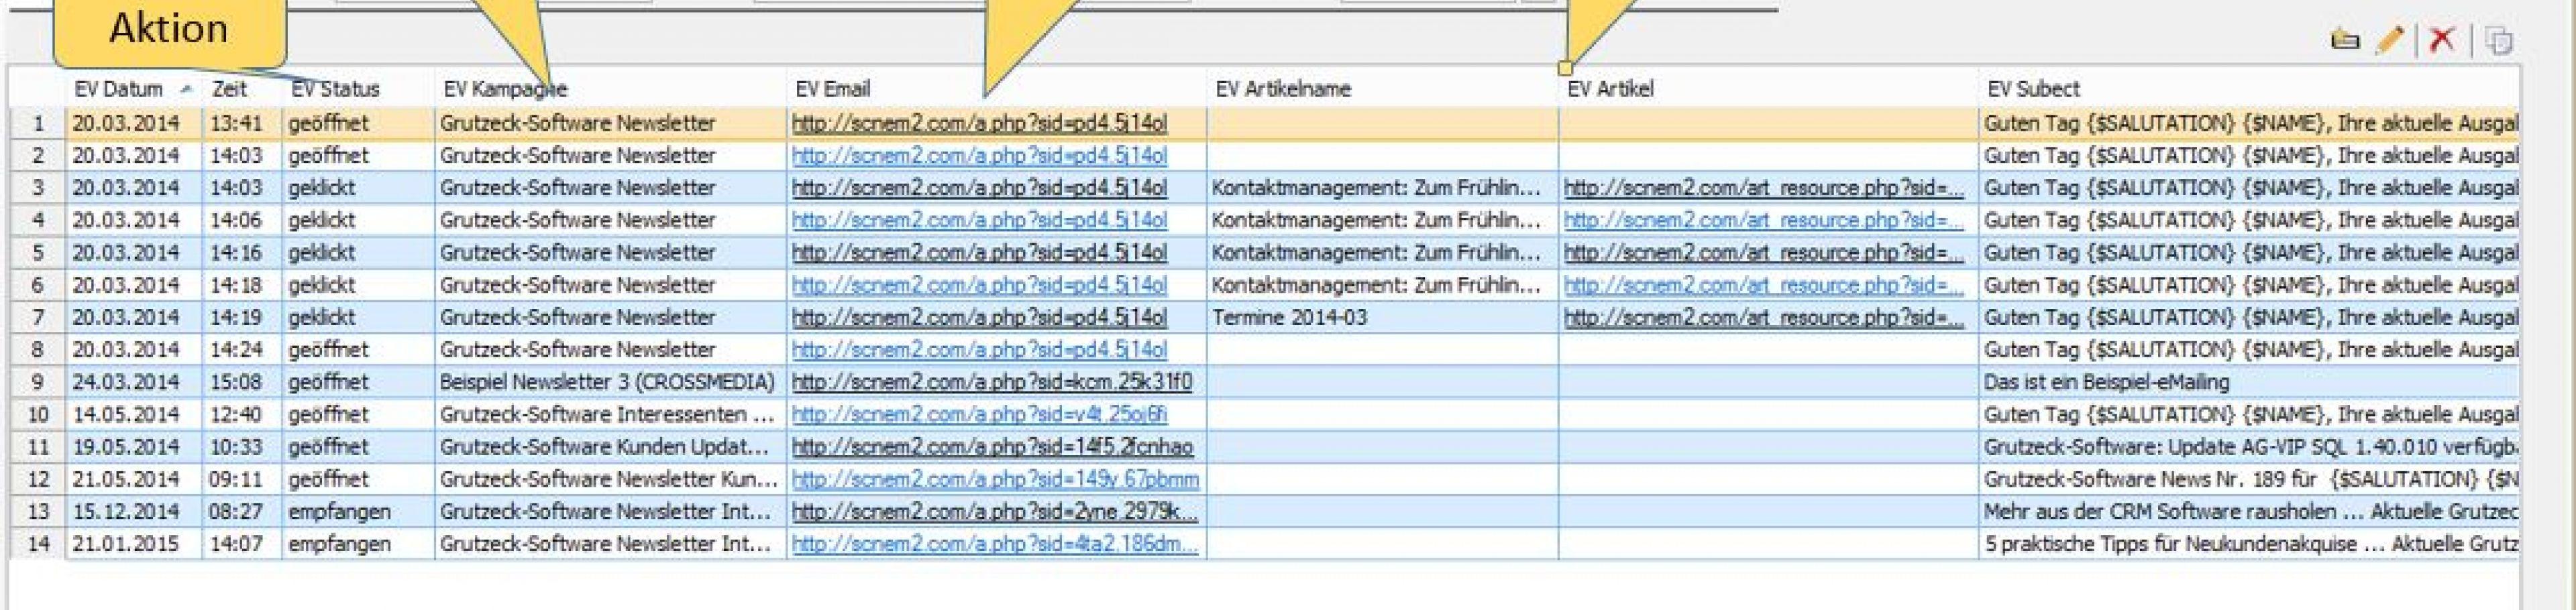 Email Marketing Ergebnisse direkt in CRM Software AG-VIP SQL